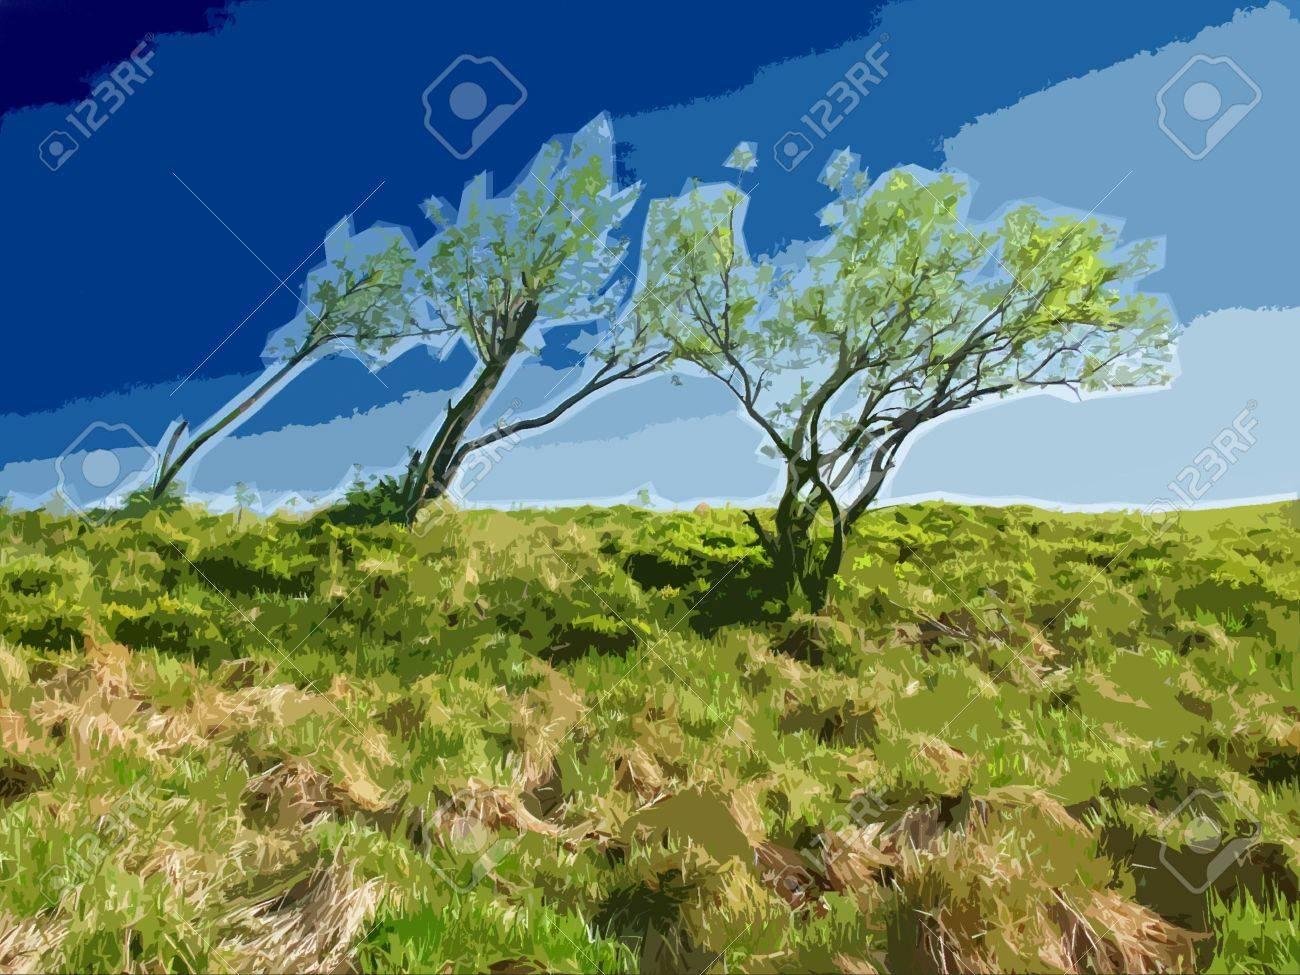 Trees on Horizon. Windy Weather. Stylized Illustration. Stock Illustration - 889709